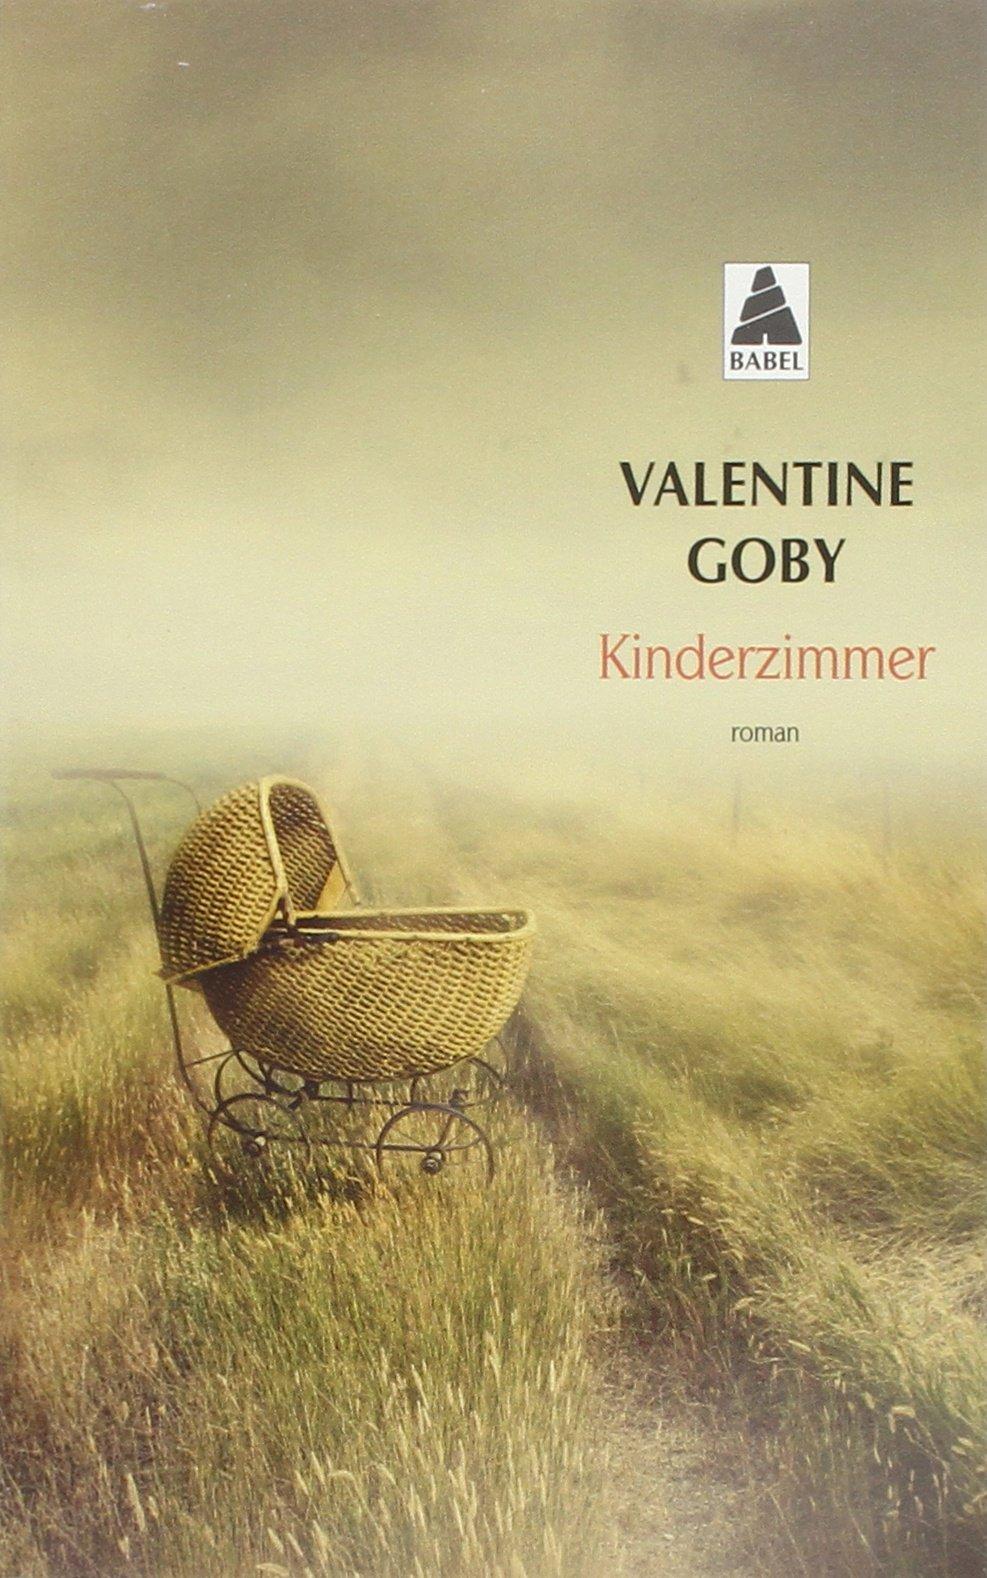 """Résultat de recherche d'images pour """"Kinderzimmer de Valentine Goby babel"""""""